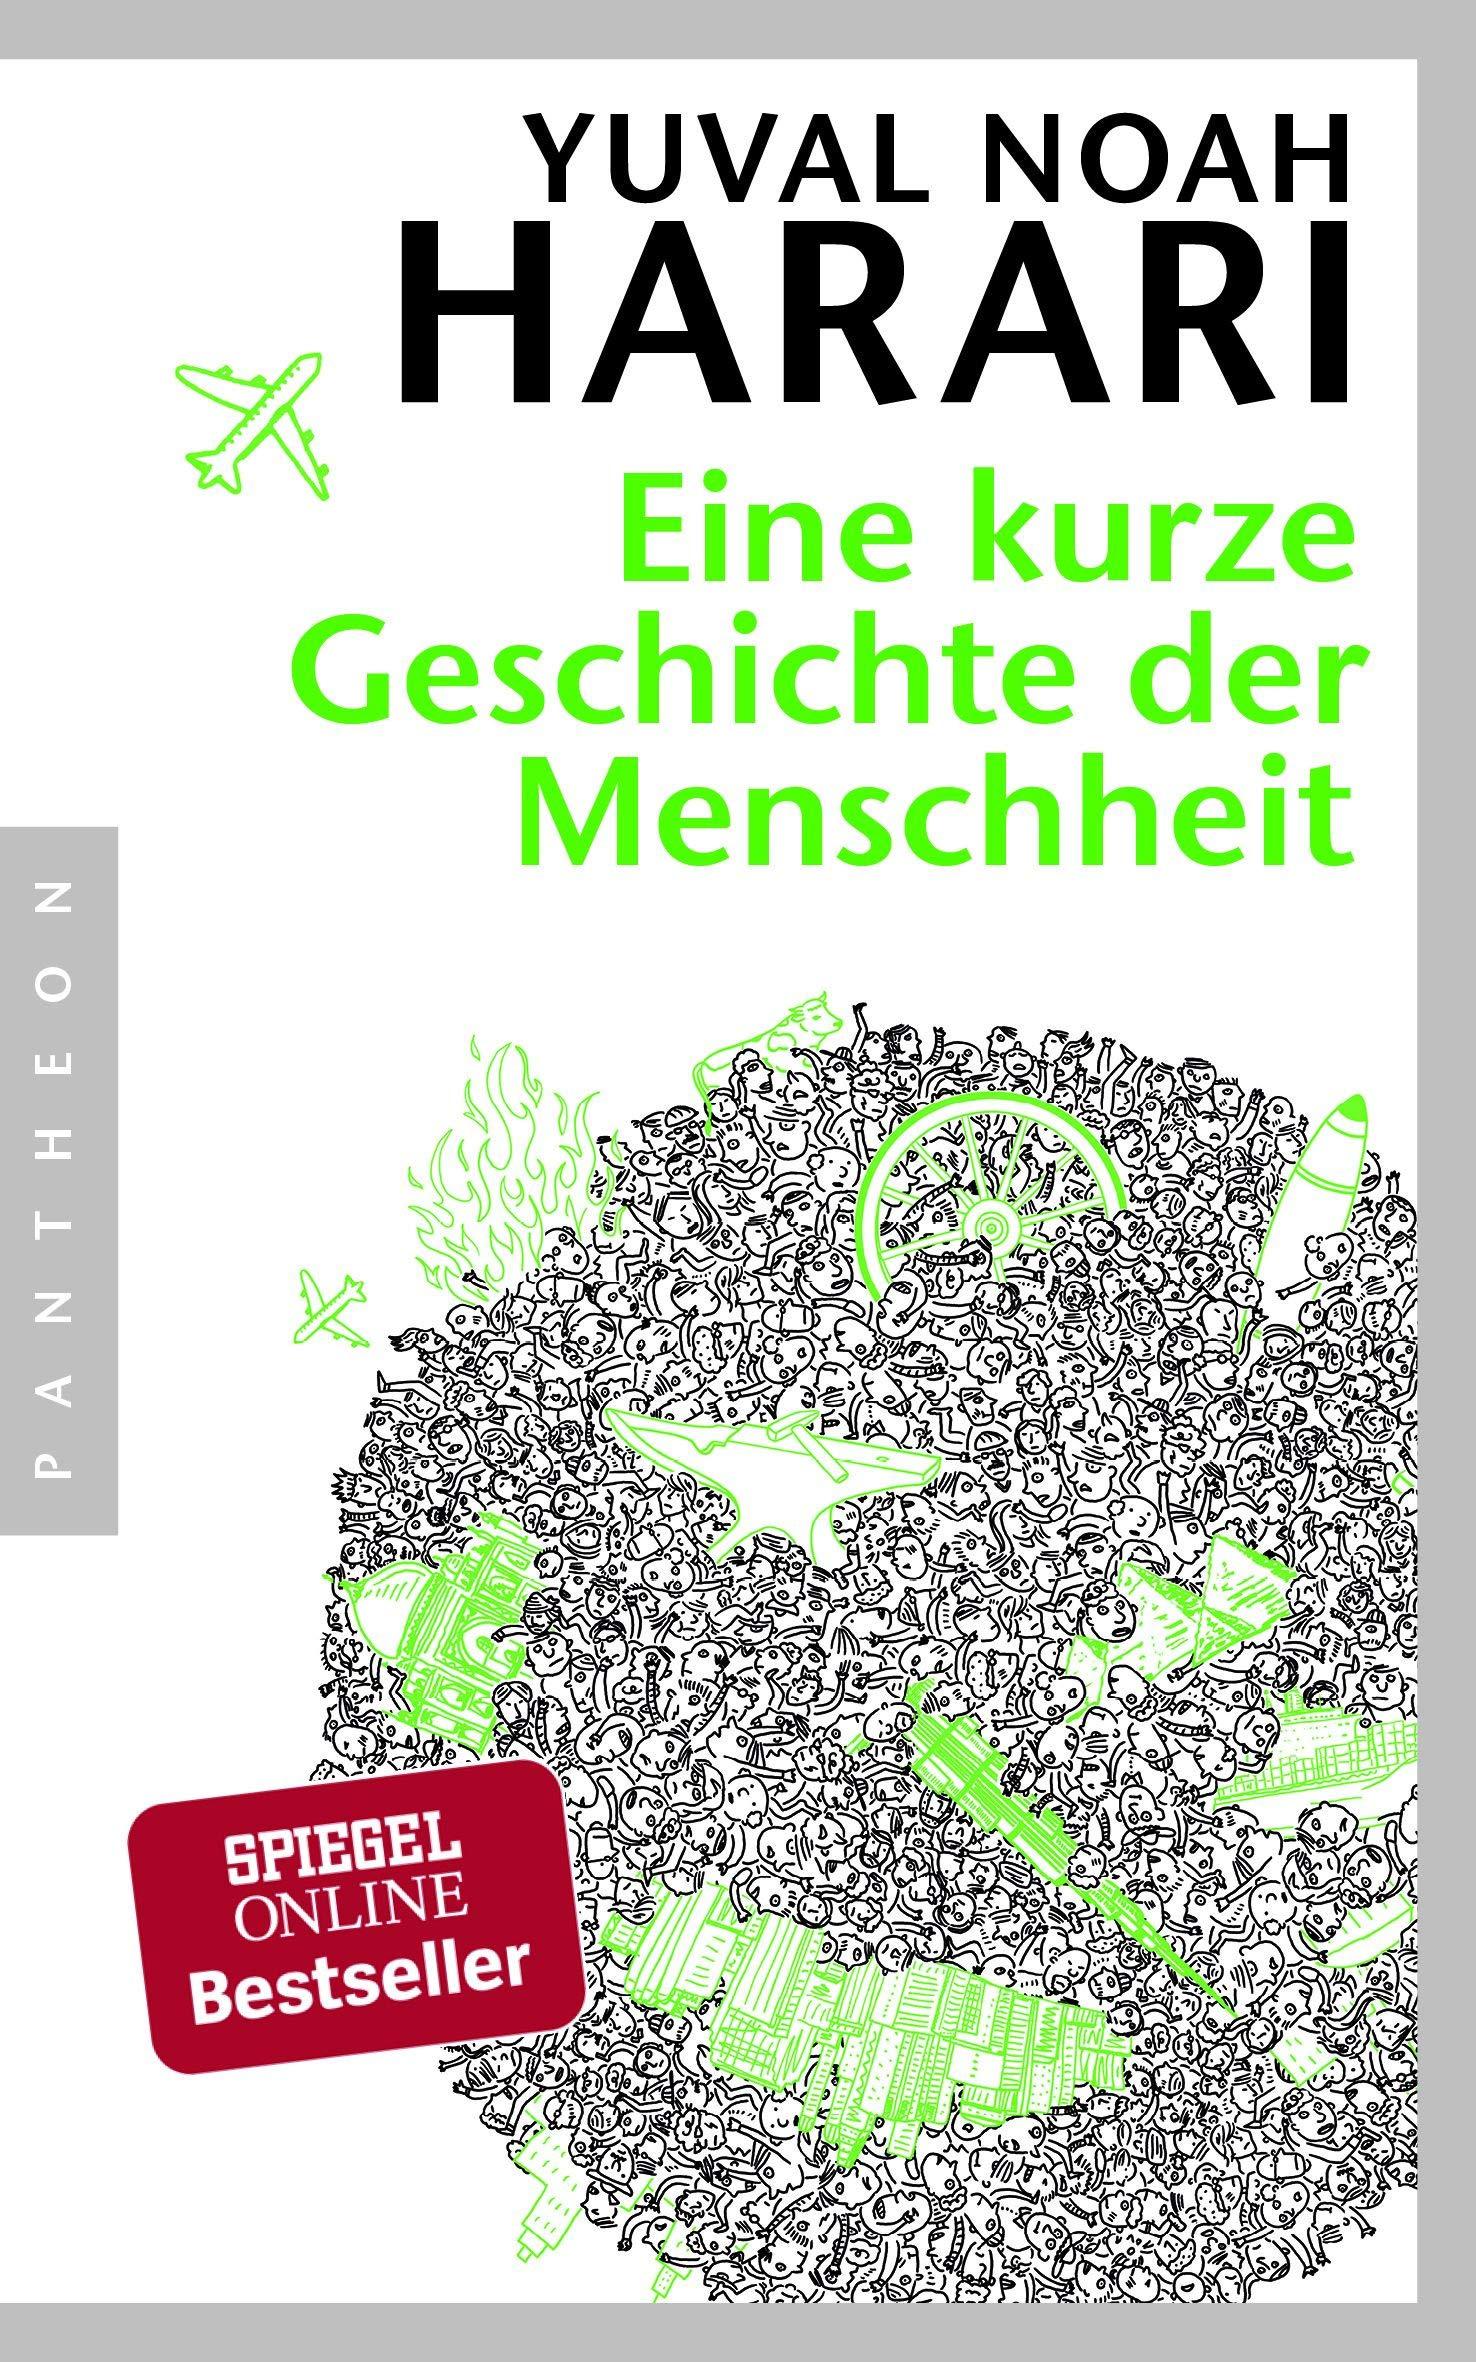 Eine kurze Geschichte der Menschheit Broschiert – 20. Februar 2015 Yuval Noah Harari Jürgen Neubauer Pantheon Verlag 3570552691